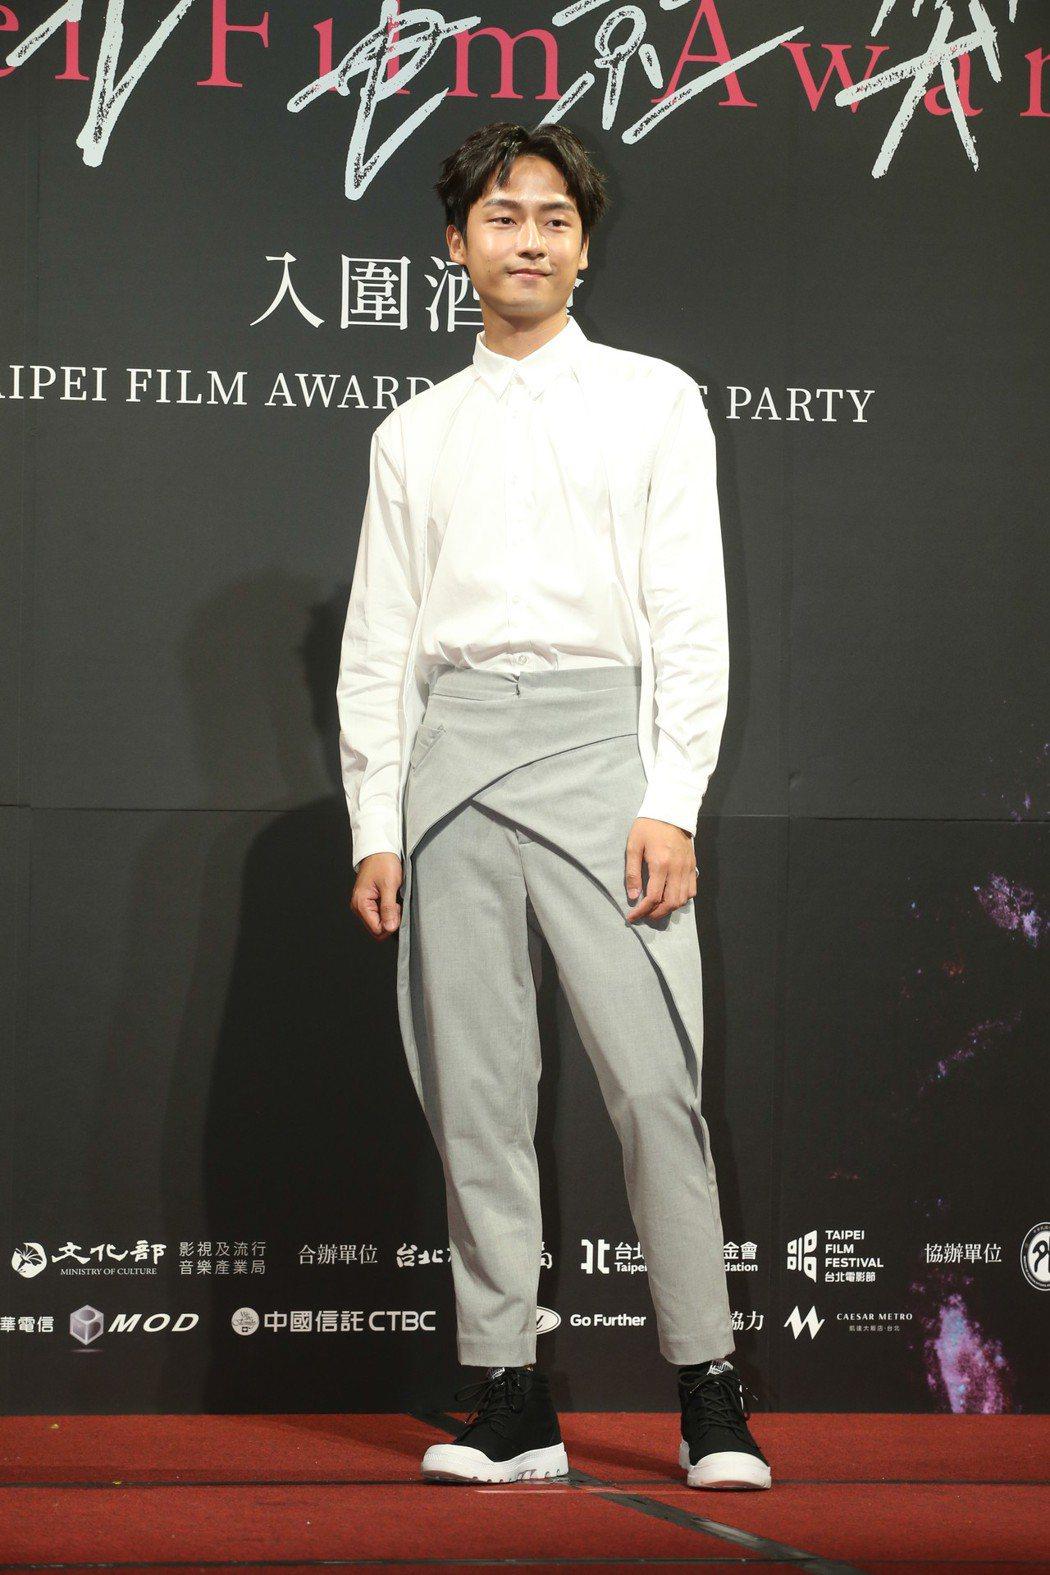 最佳男配角入圍者林鶴軒昨天出席台北電影獎入圍酒會。記者葉信菉/攝影 葉信菉